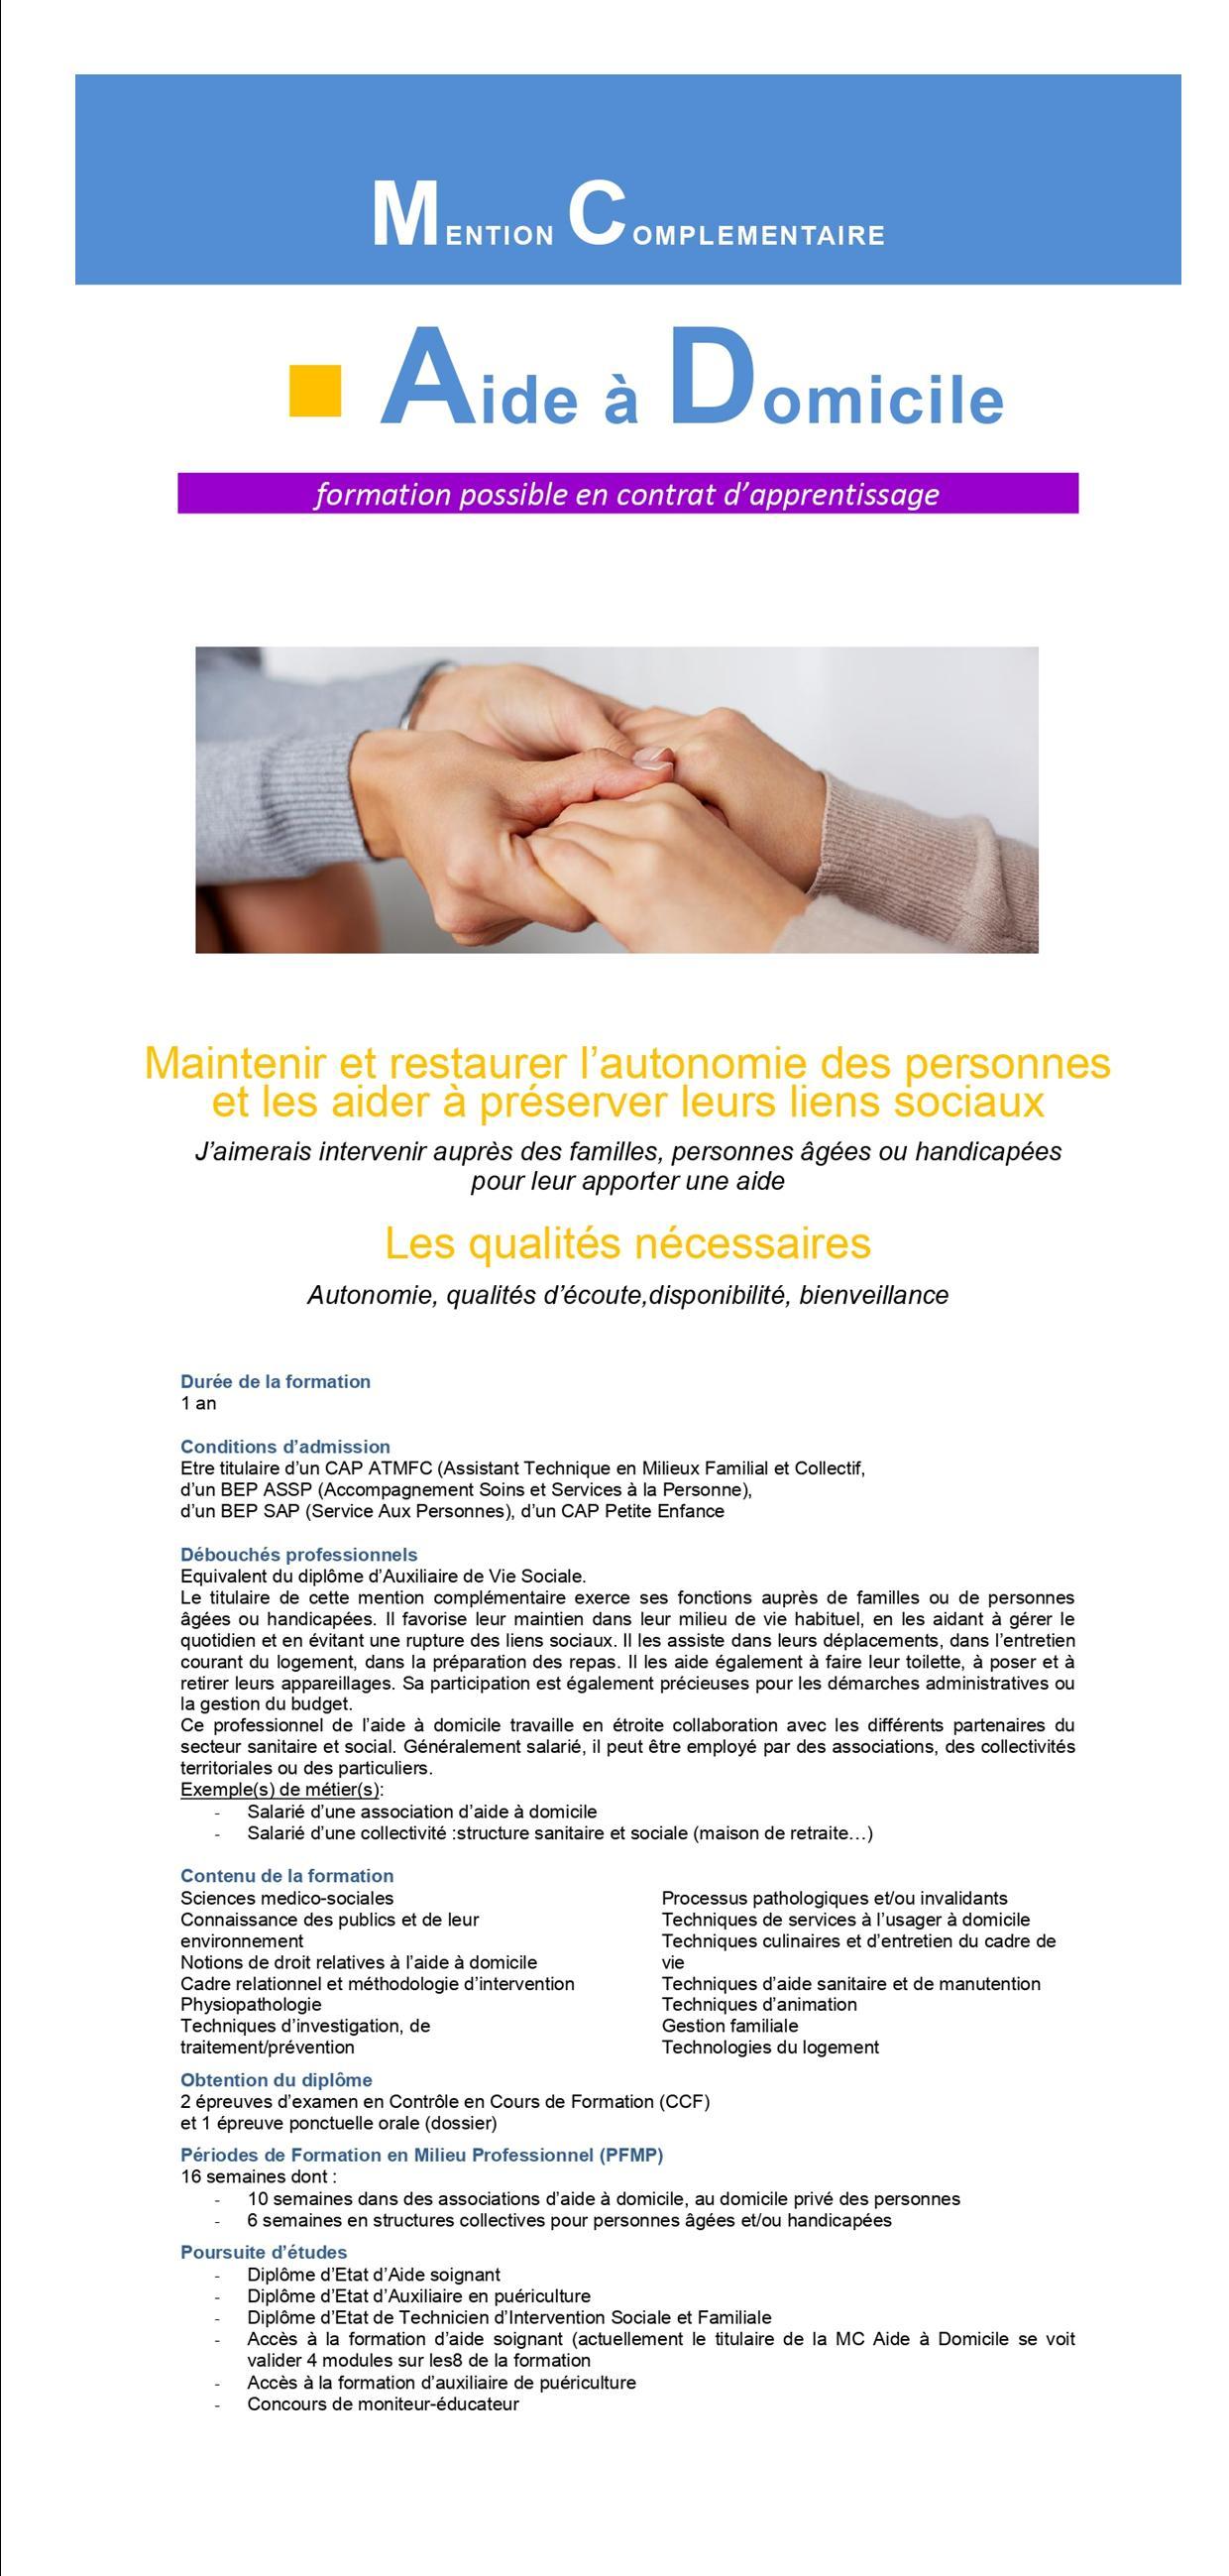 Mention Complémentaire Aide à Domicile  Lycée Francois Rabelais